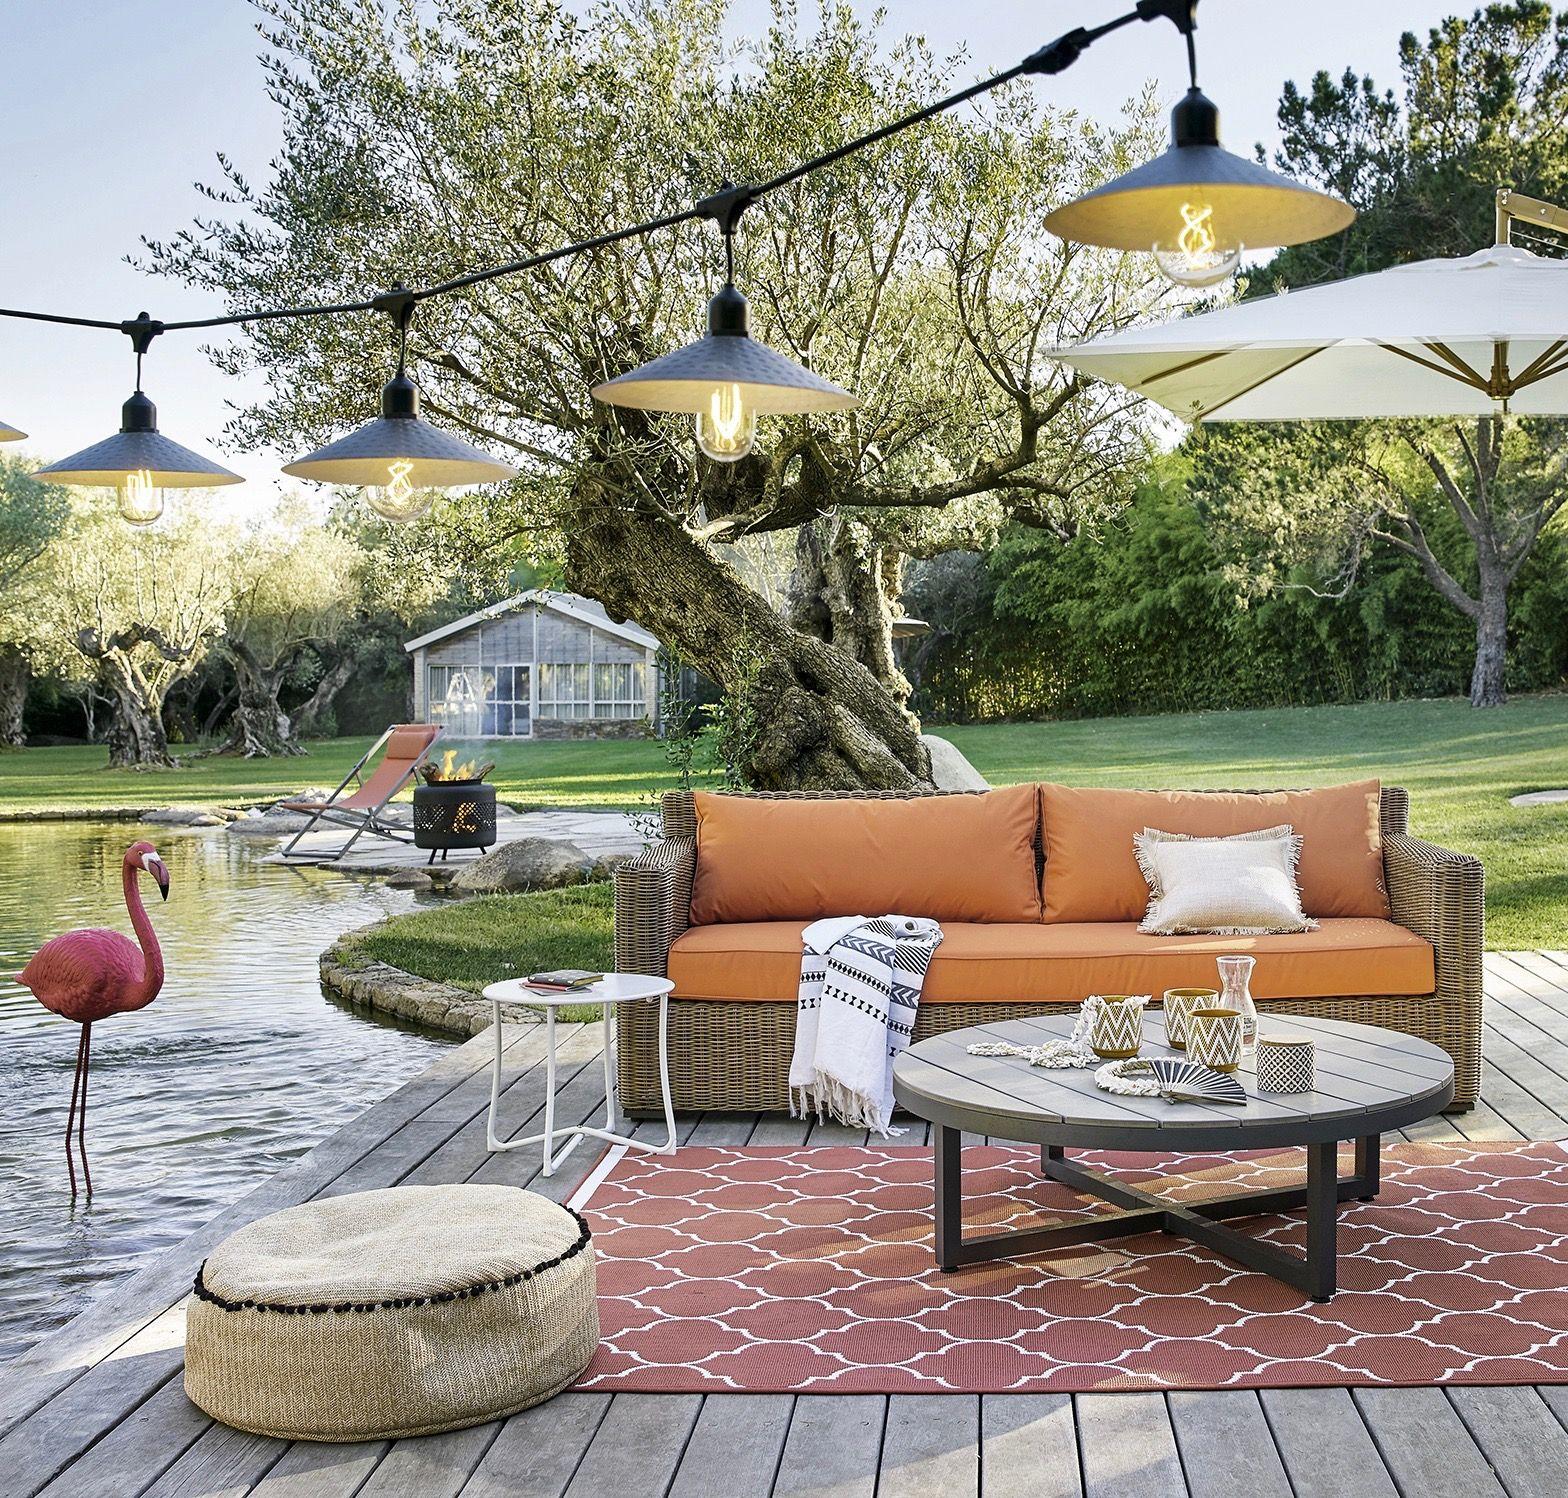 Salon de jardin ambiance guinguette #stringlight au bord du lac ...